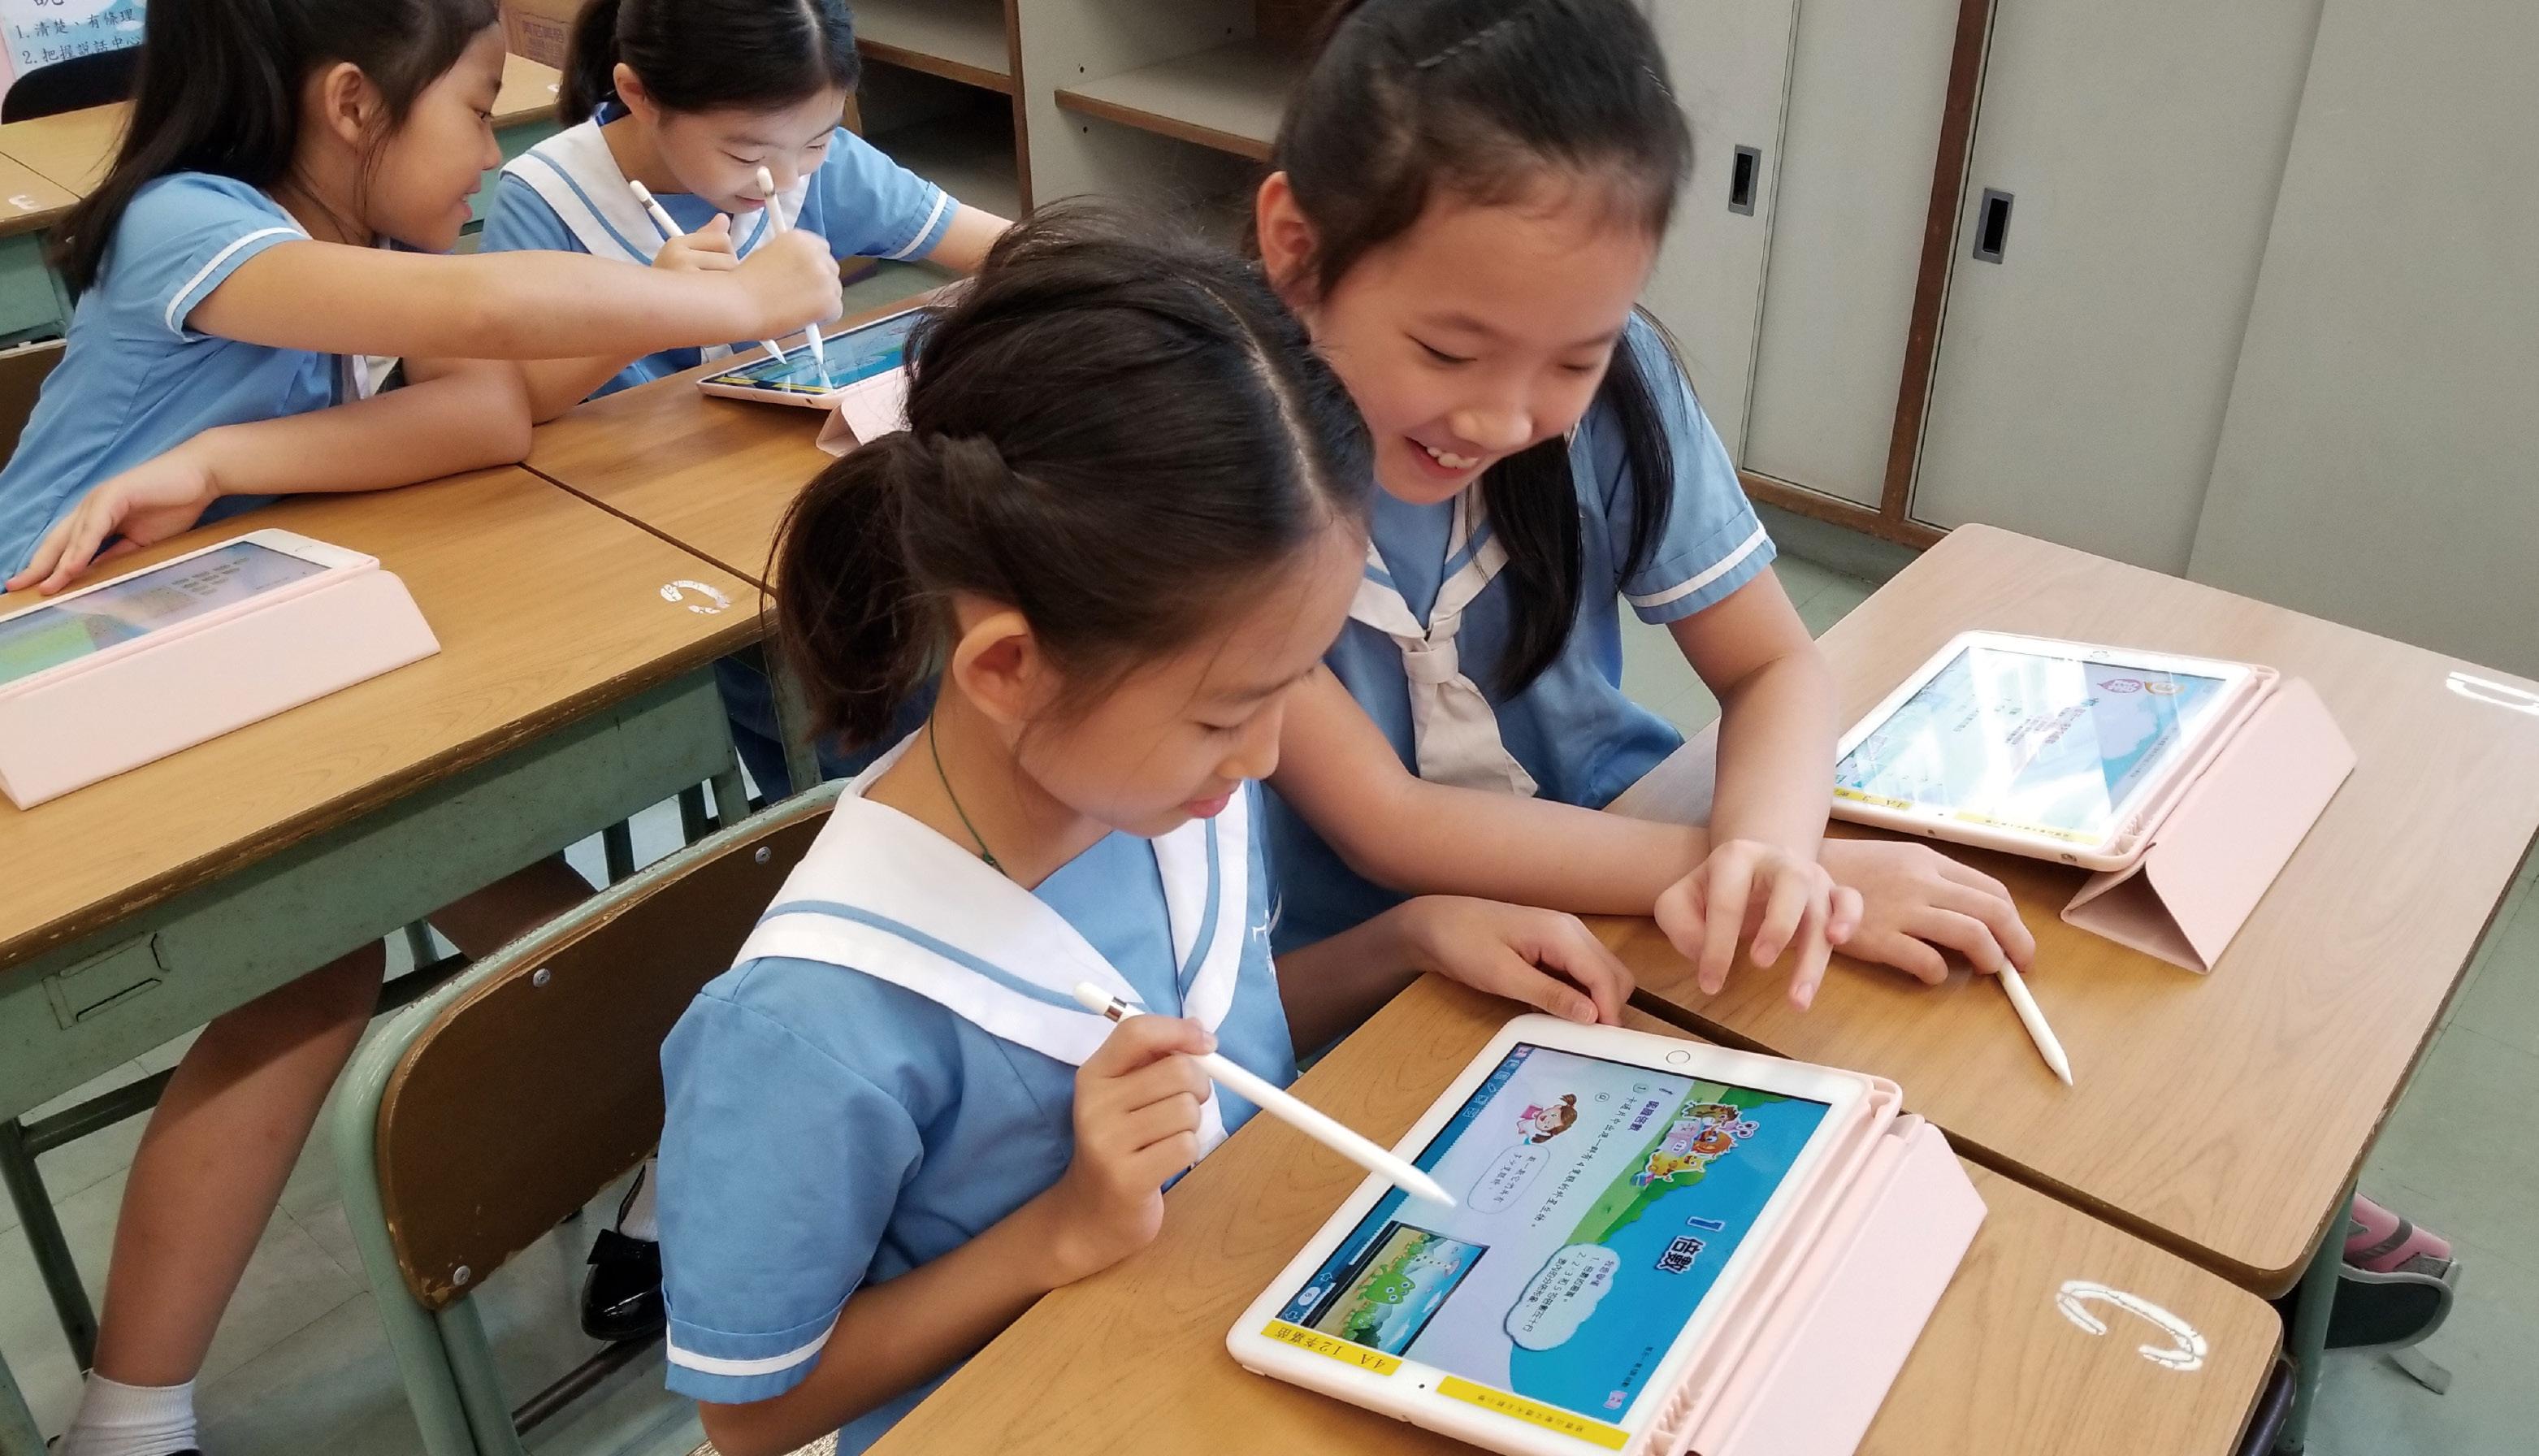 利用ipad 進行電子學習。